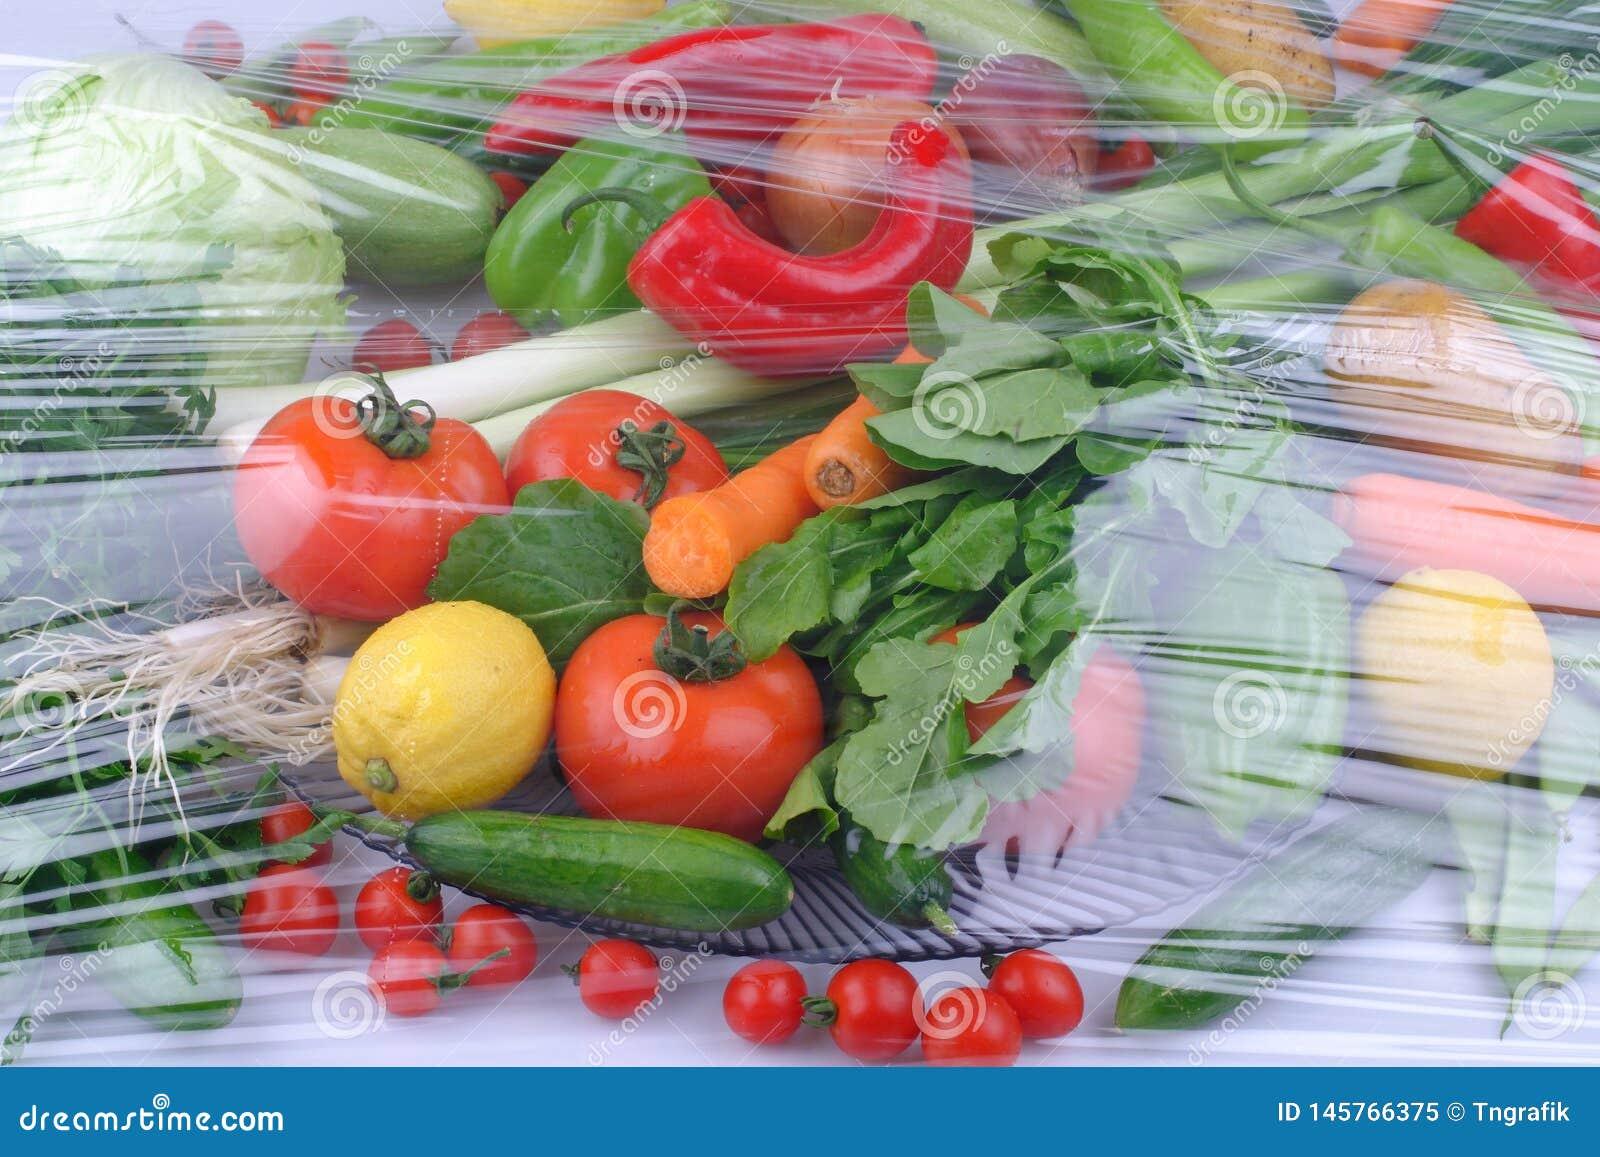 Vari?t? de fruits et l?gumes organiques crus frais dans des r?cipients brun clair se reposant sur le fond en bois bleu lumineux